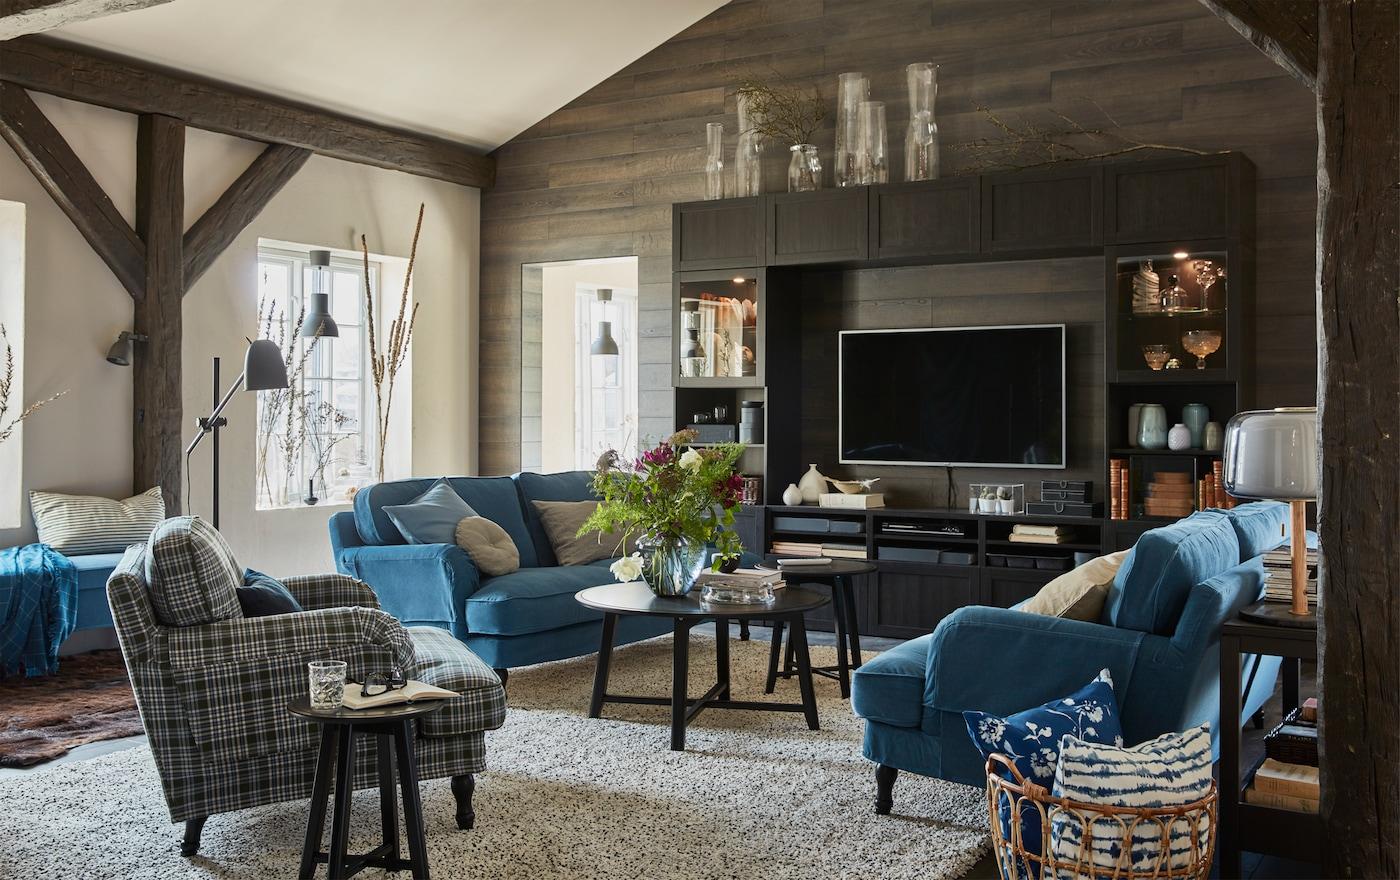 Ruang tamu yang mempunyai tempat duduk STOCKSUND di sekitar meja rendah dengan vas bunga di atasnya dan kombinasi storan TV BESTÅ dengan TV.